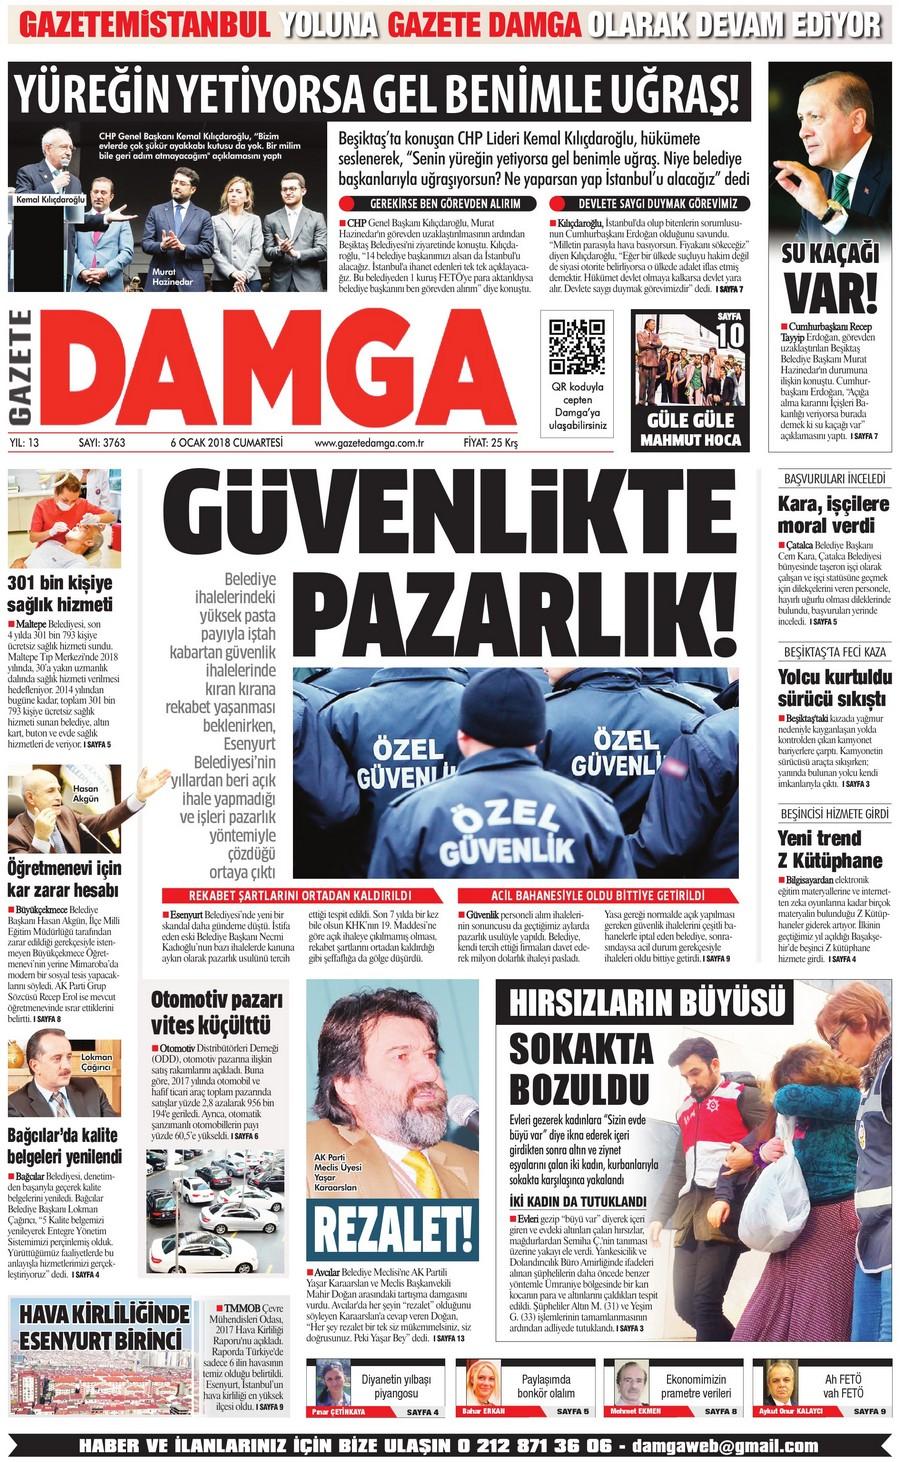 Gazete Damga - 06.01.2018 Manşeti